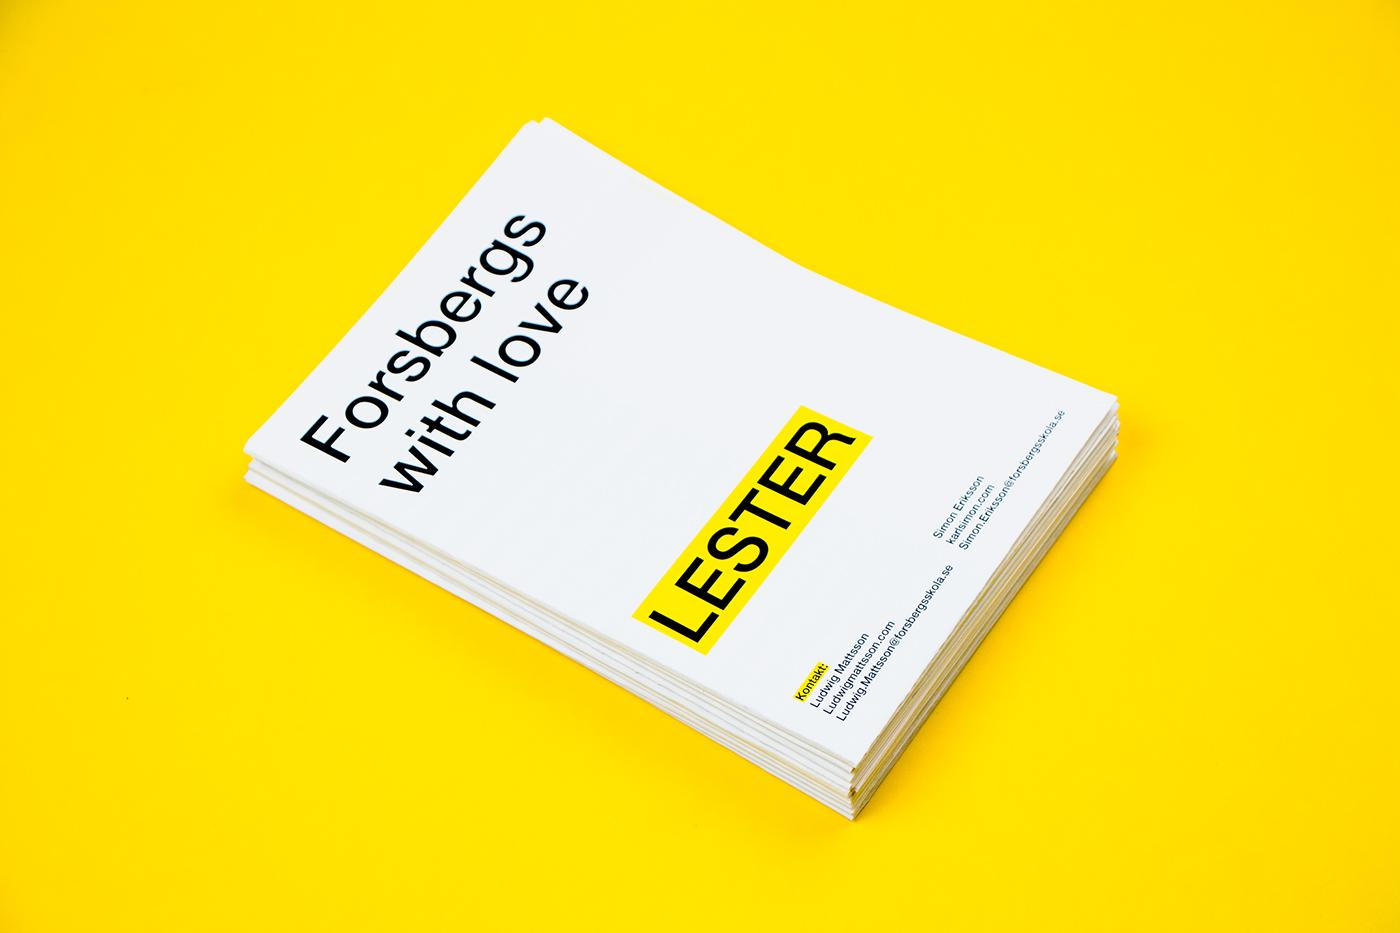 Lester book holder holder 3d print 3D design pocket book Page Holder Helvetica Neue package design  instructions poster